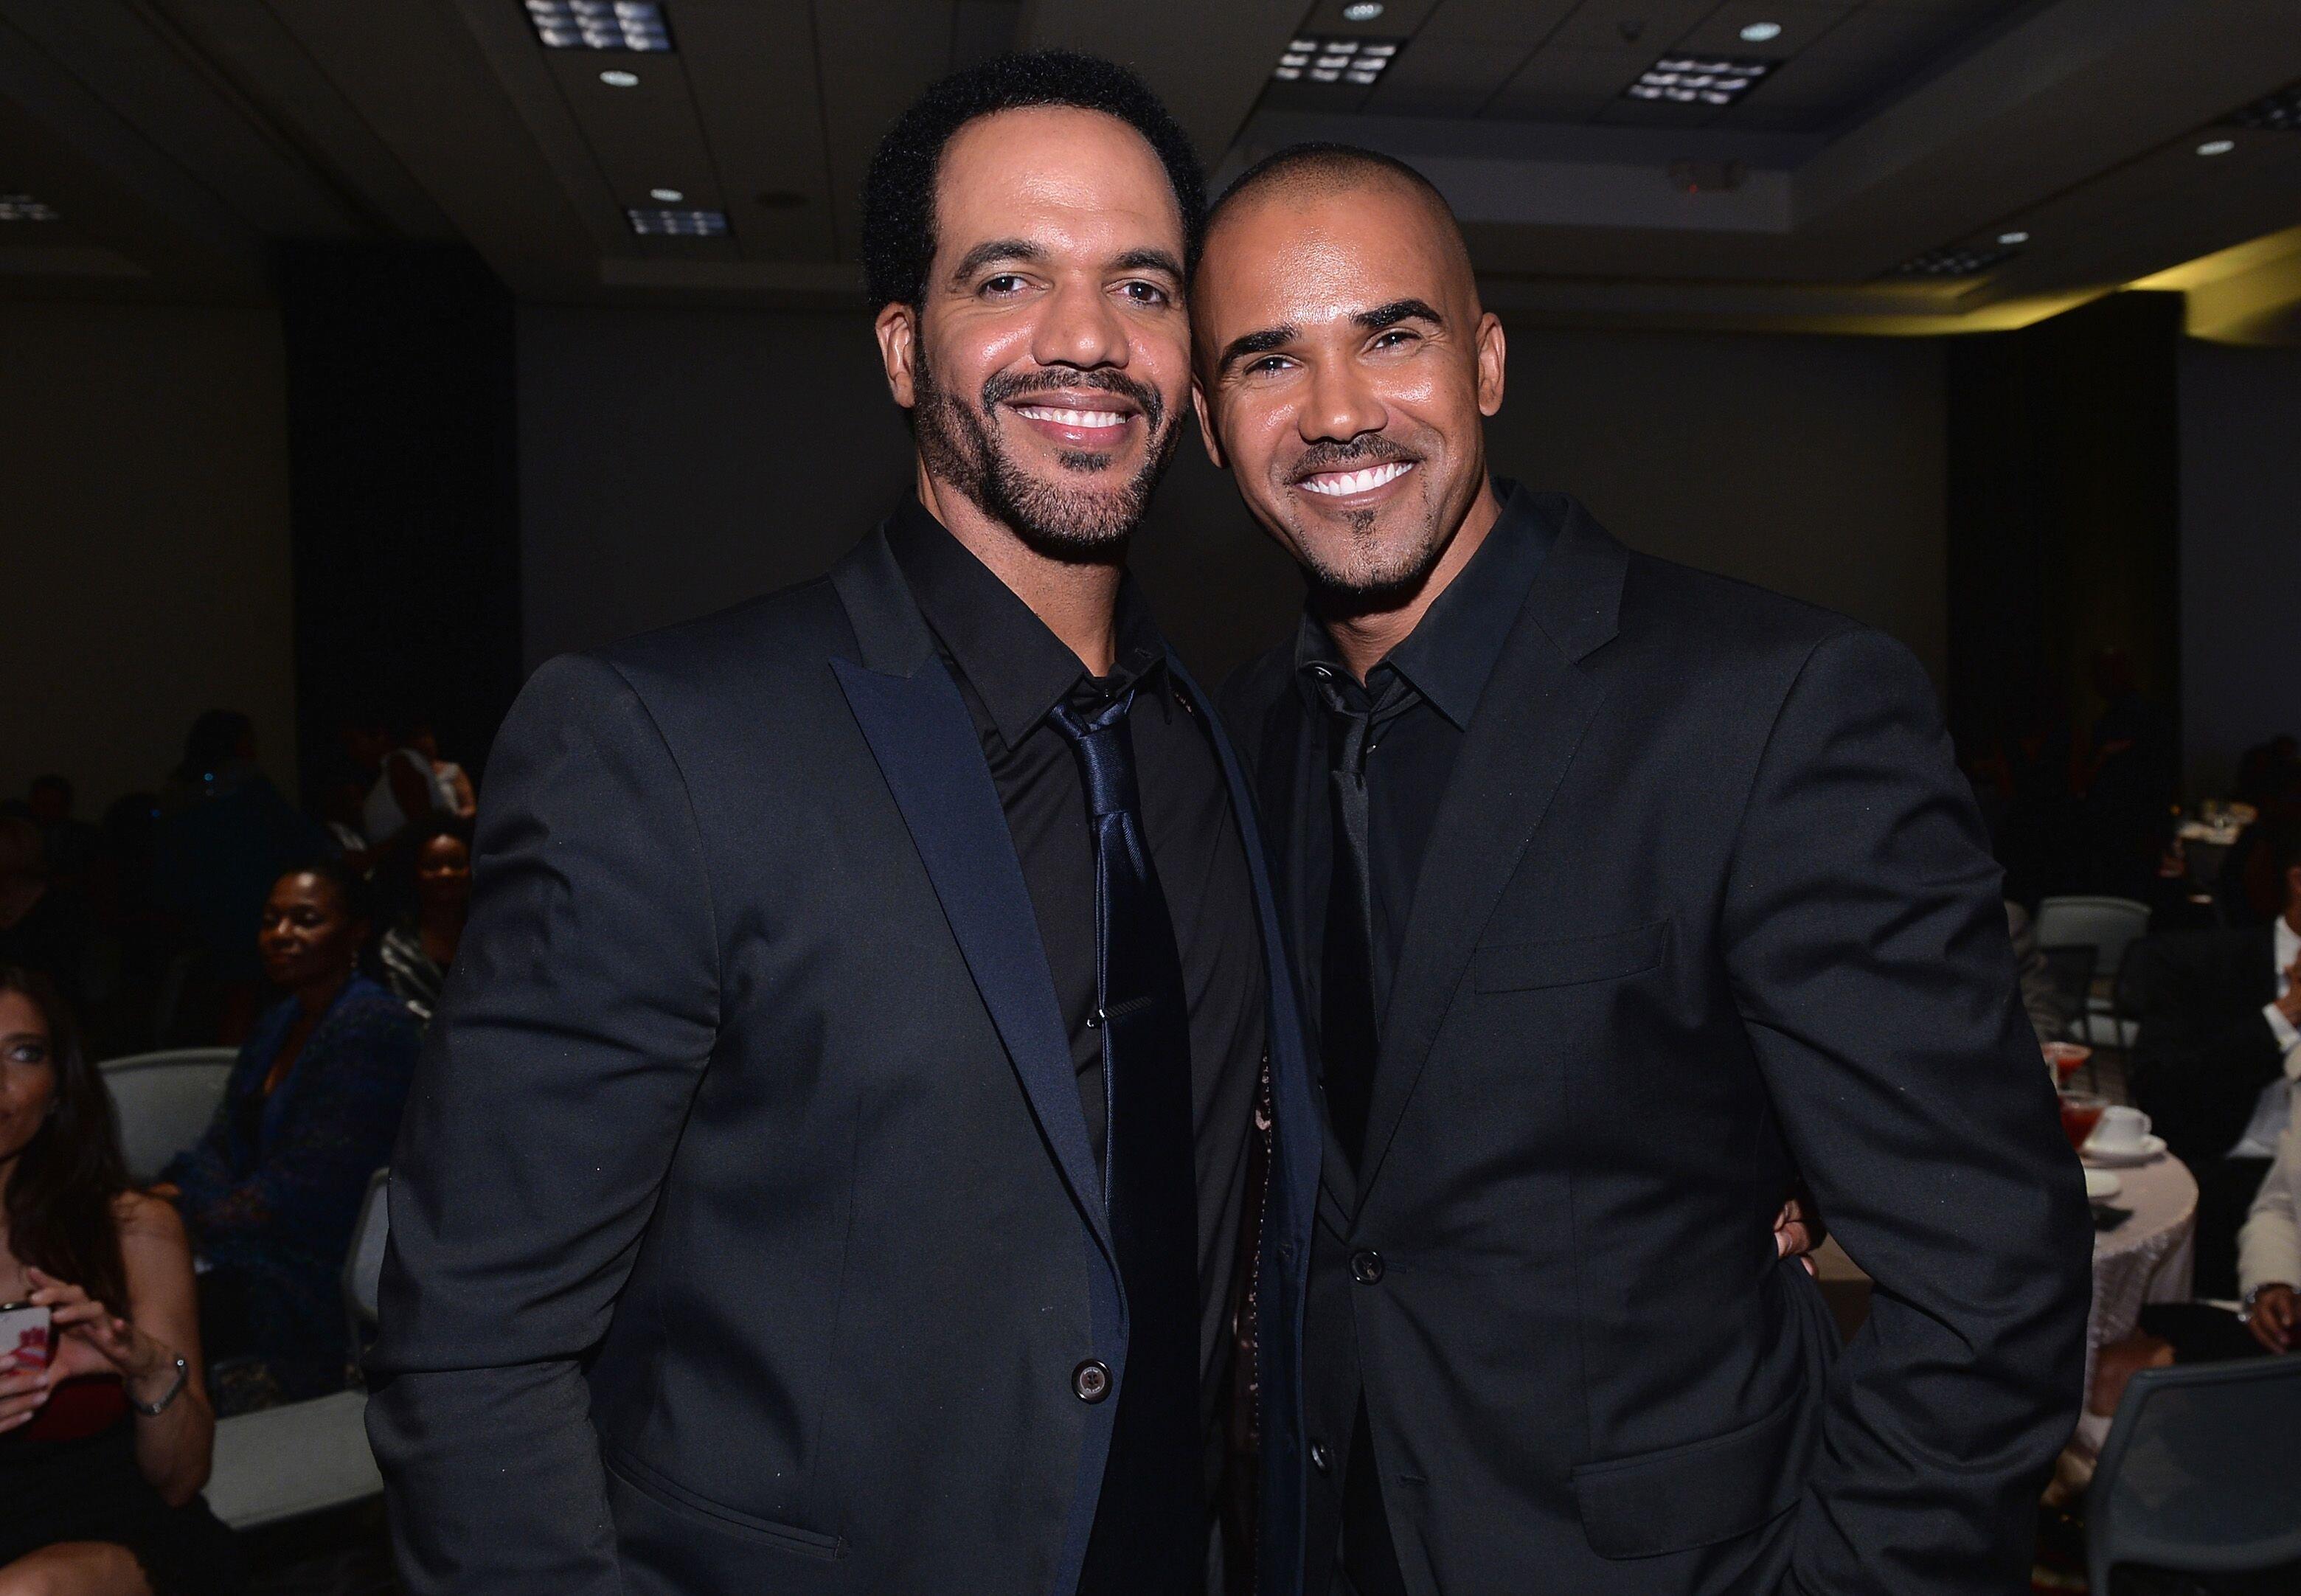 John et Shemar Moore à la 45e cérémonie de remise des prix NAACP Image Awards Non-Televised Awards | Photo : Getty Images